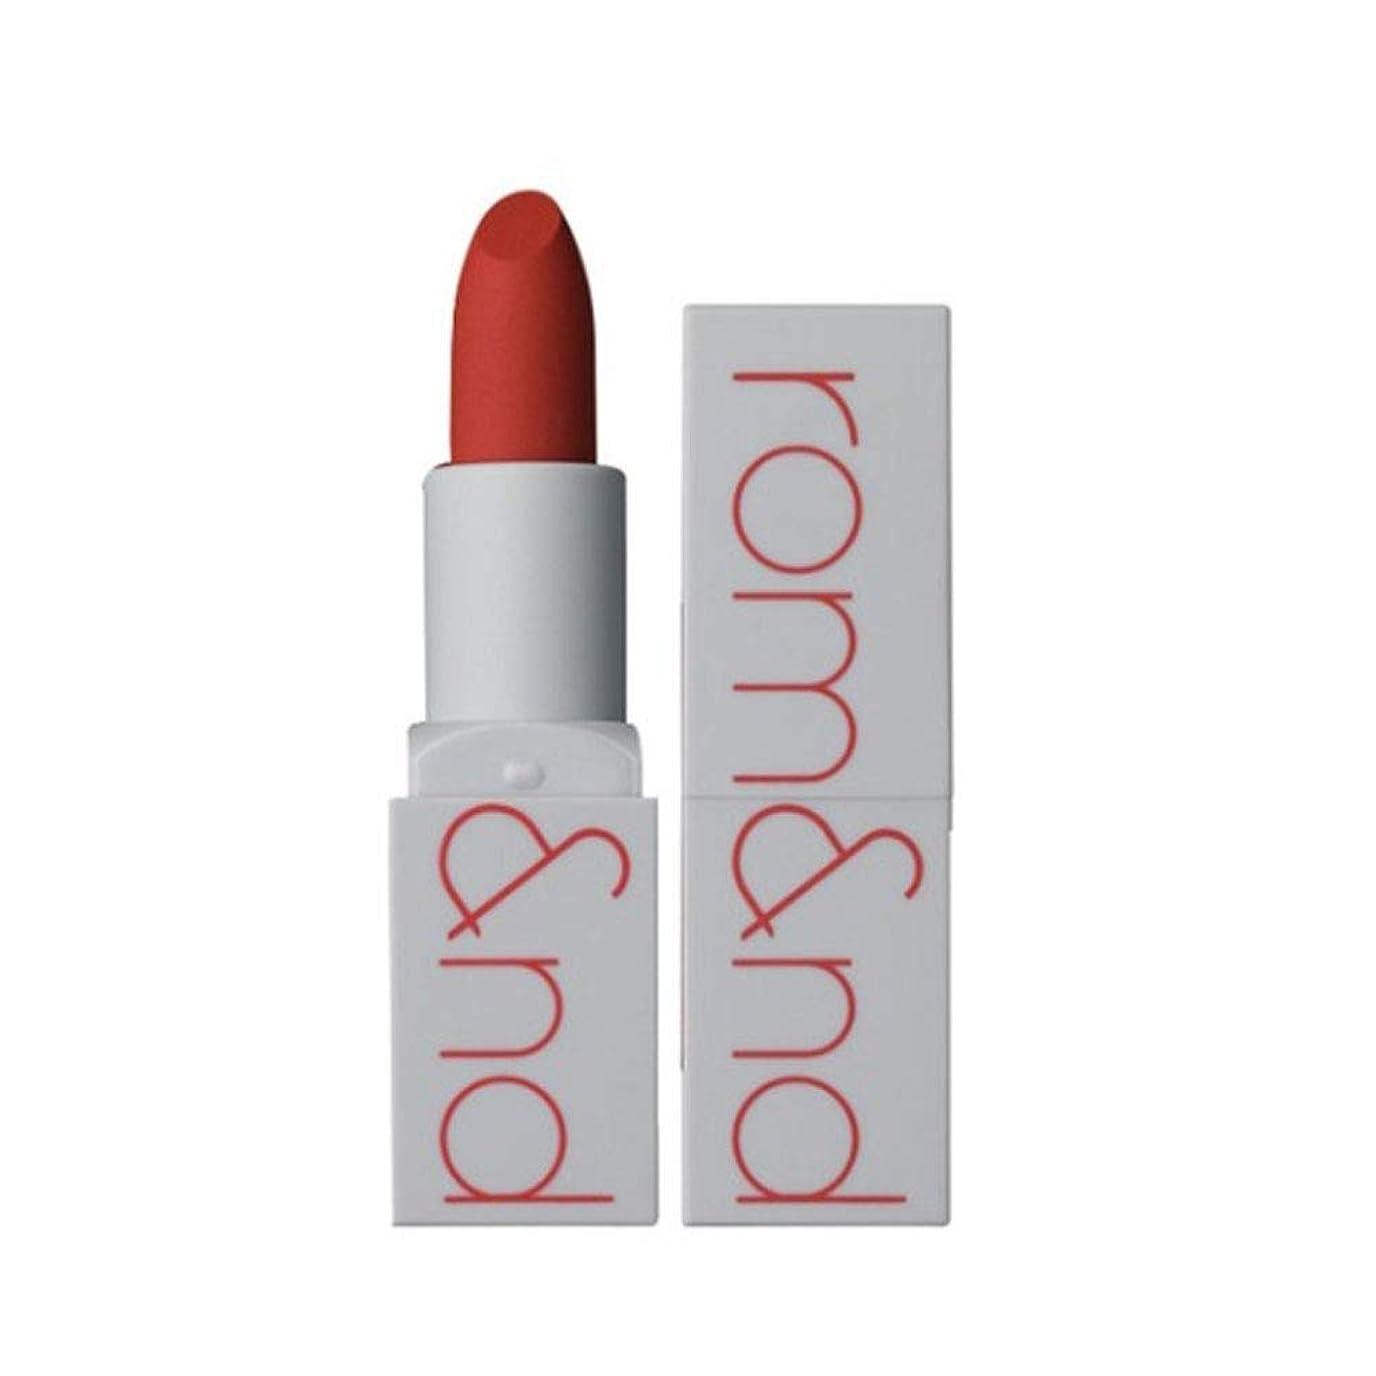 トン憂鬱なアナウンサーローム?アンド?ゼログラムマットリップスティック3.5g 4色、Rom&nd Zero Gram Matte Lipstick 3.5g 4 Colors [並行輸入品] (All That Jazz)